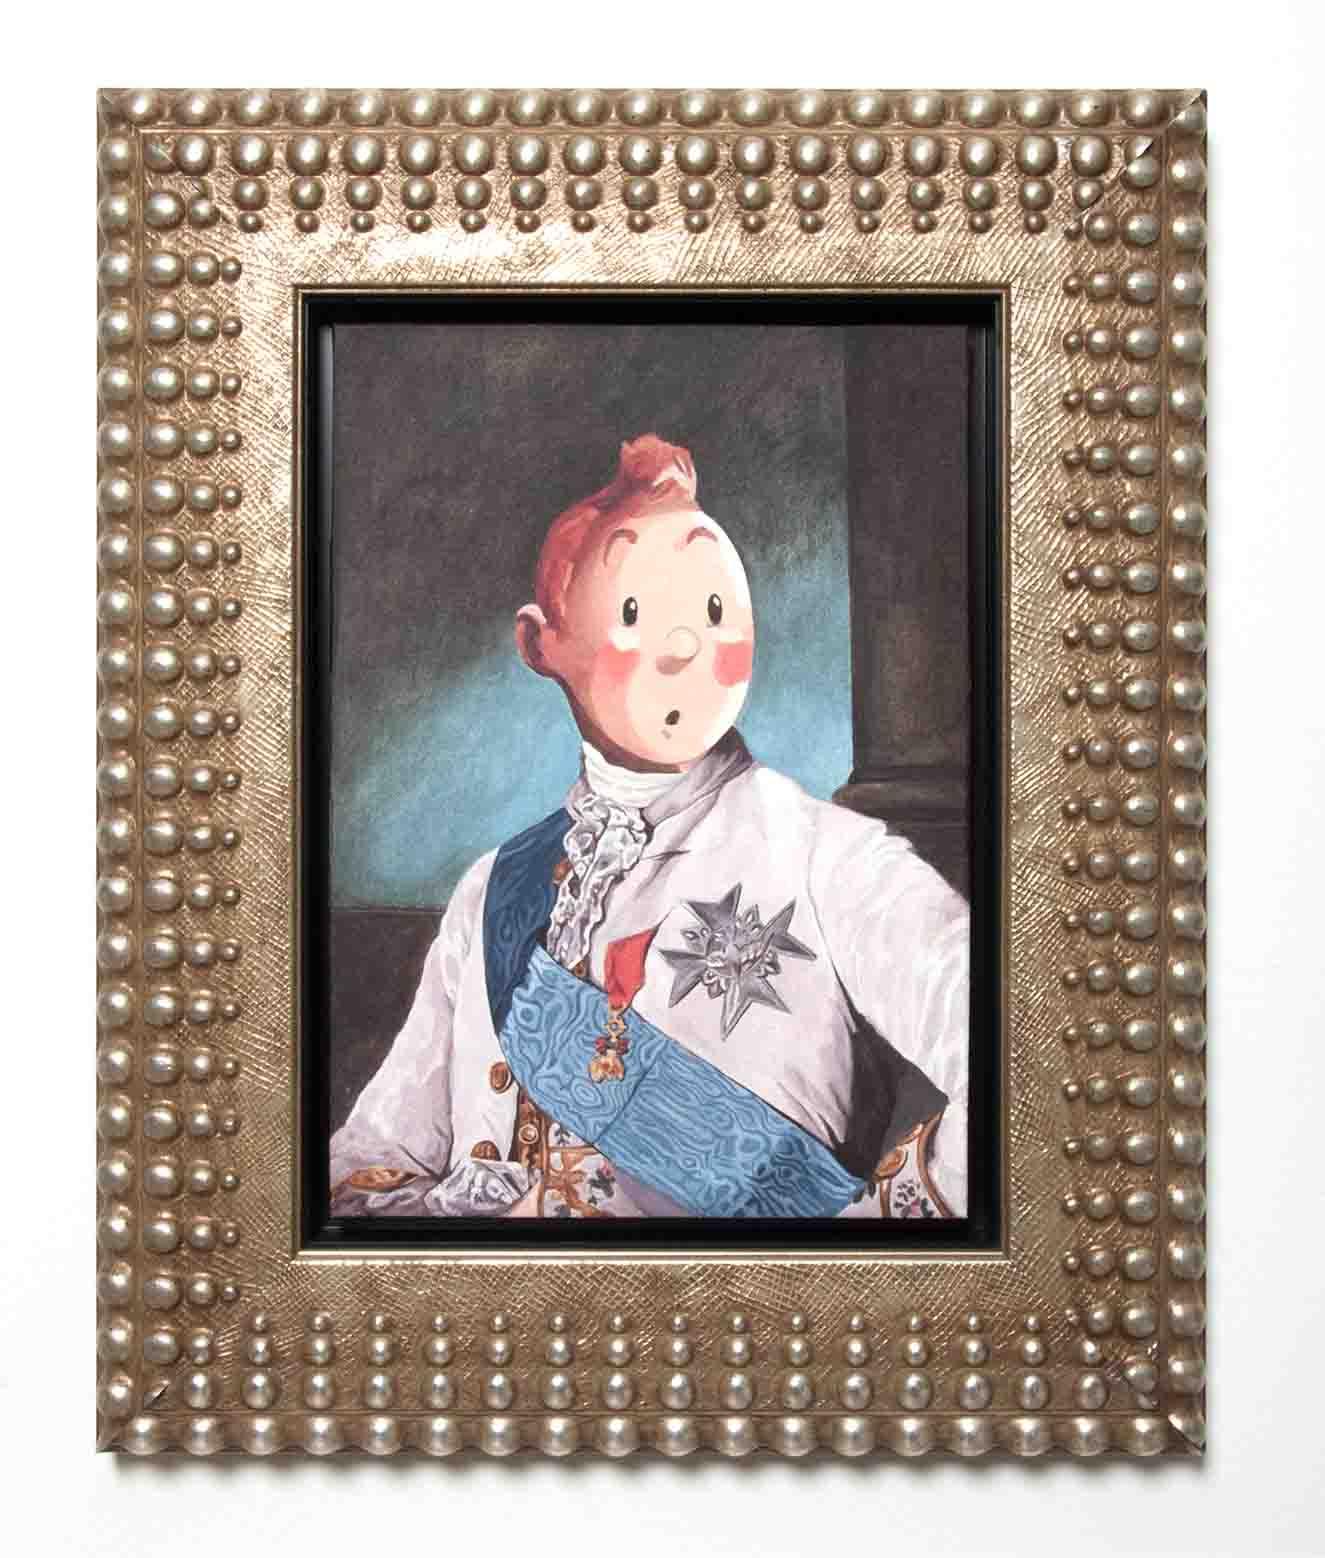 Noble Tintín #2. Acrílico sobre madera. 50 x 35 cm. Fotografía: cortesía Gabriel Ortega.